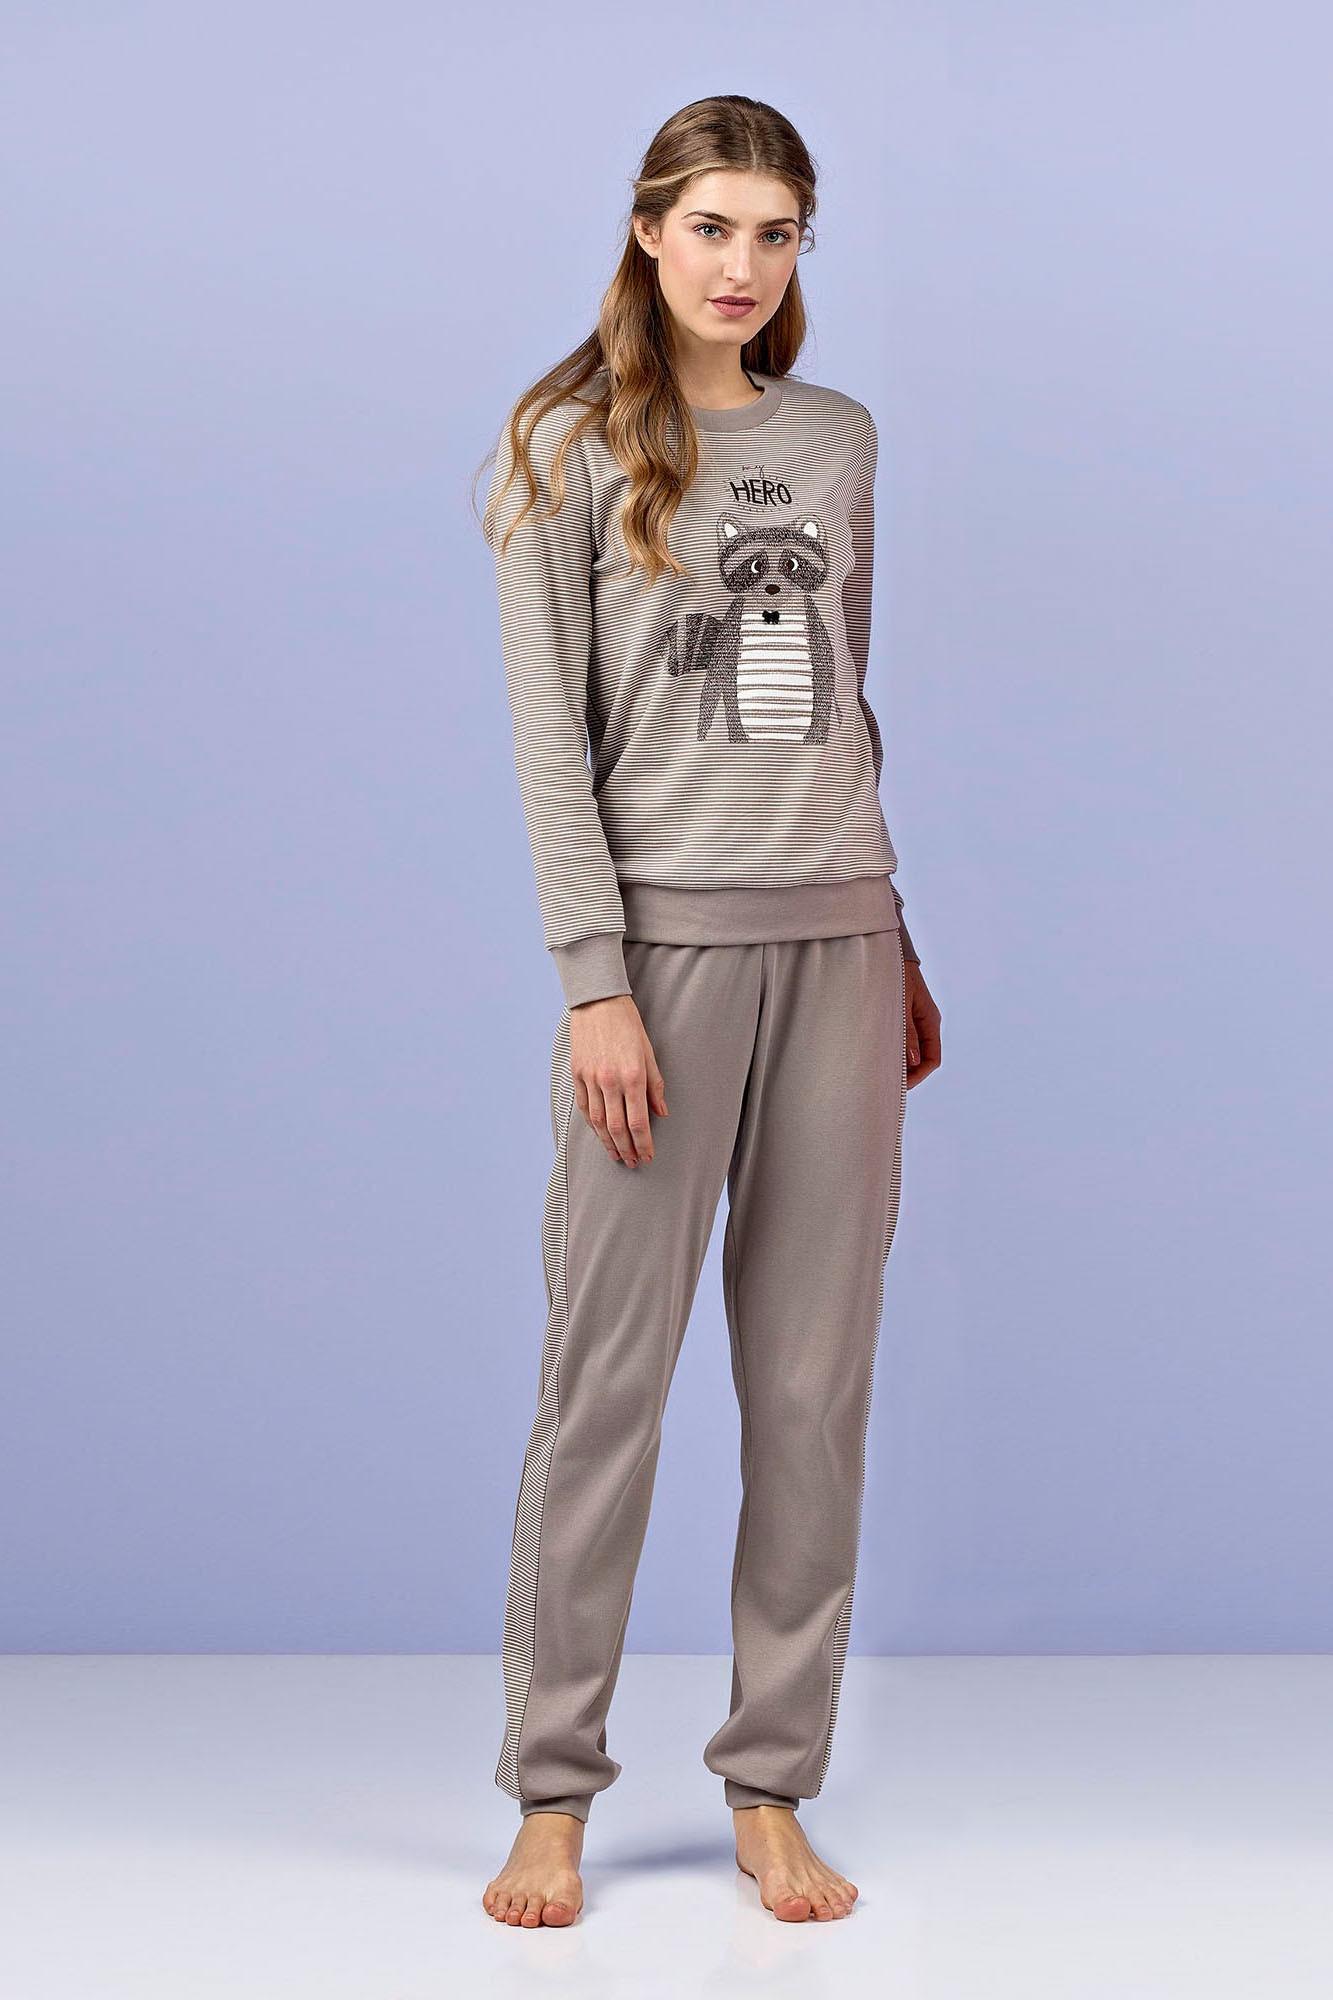 Dámské pyžamo 4964 - Vamp Barva: hnědá/proužky, Velikost: M